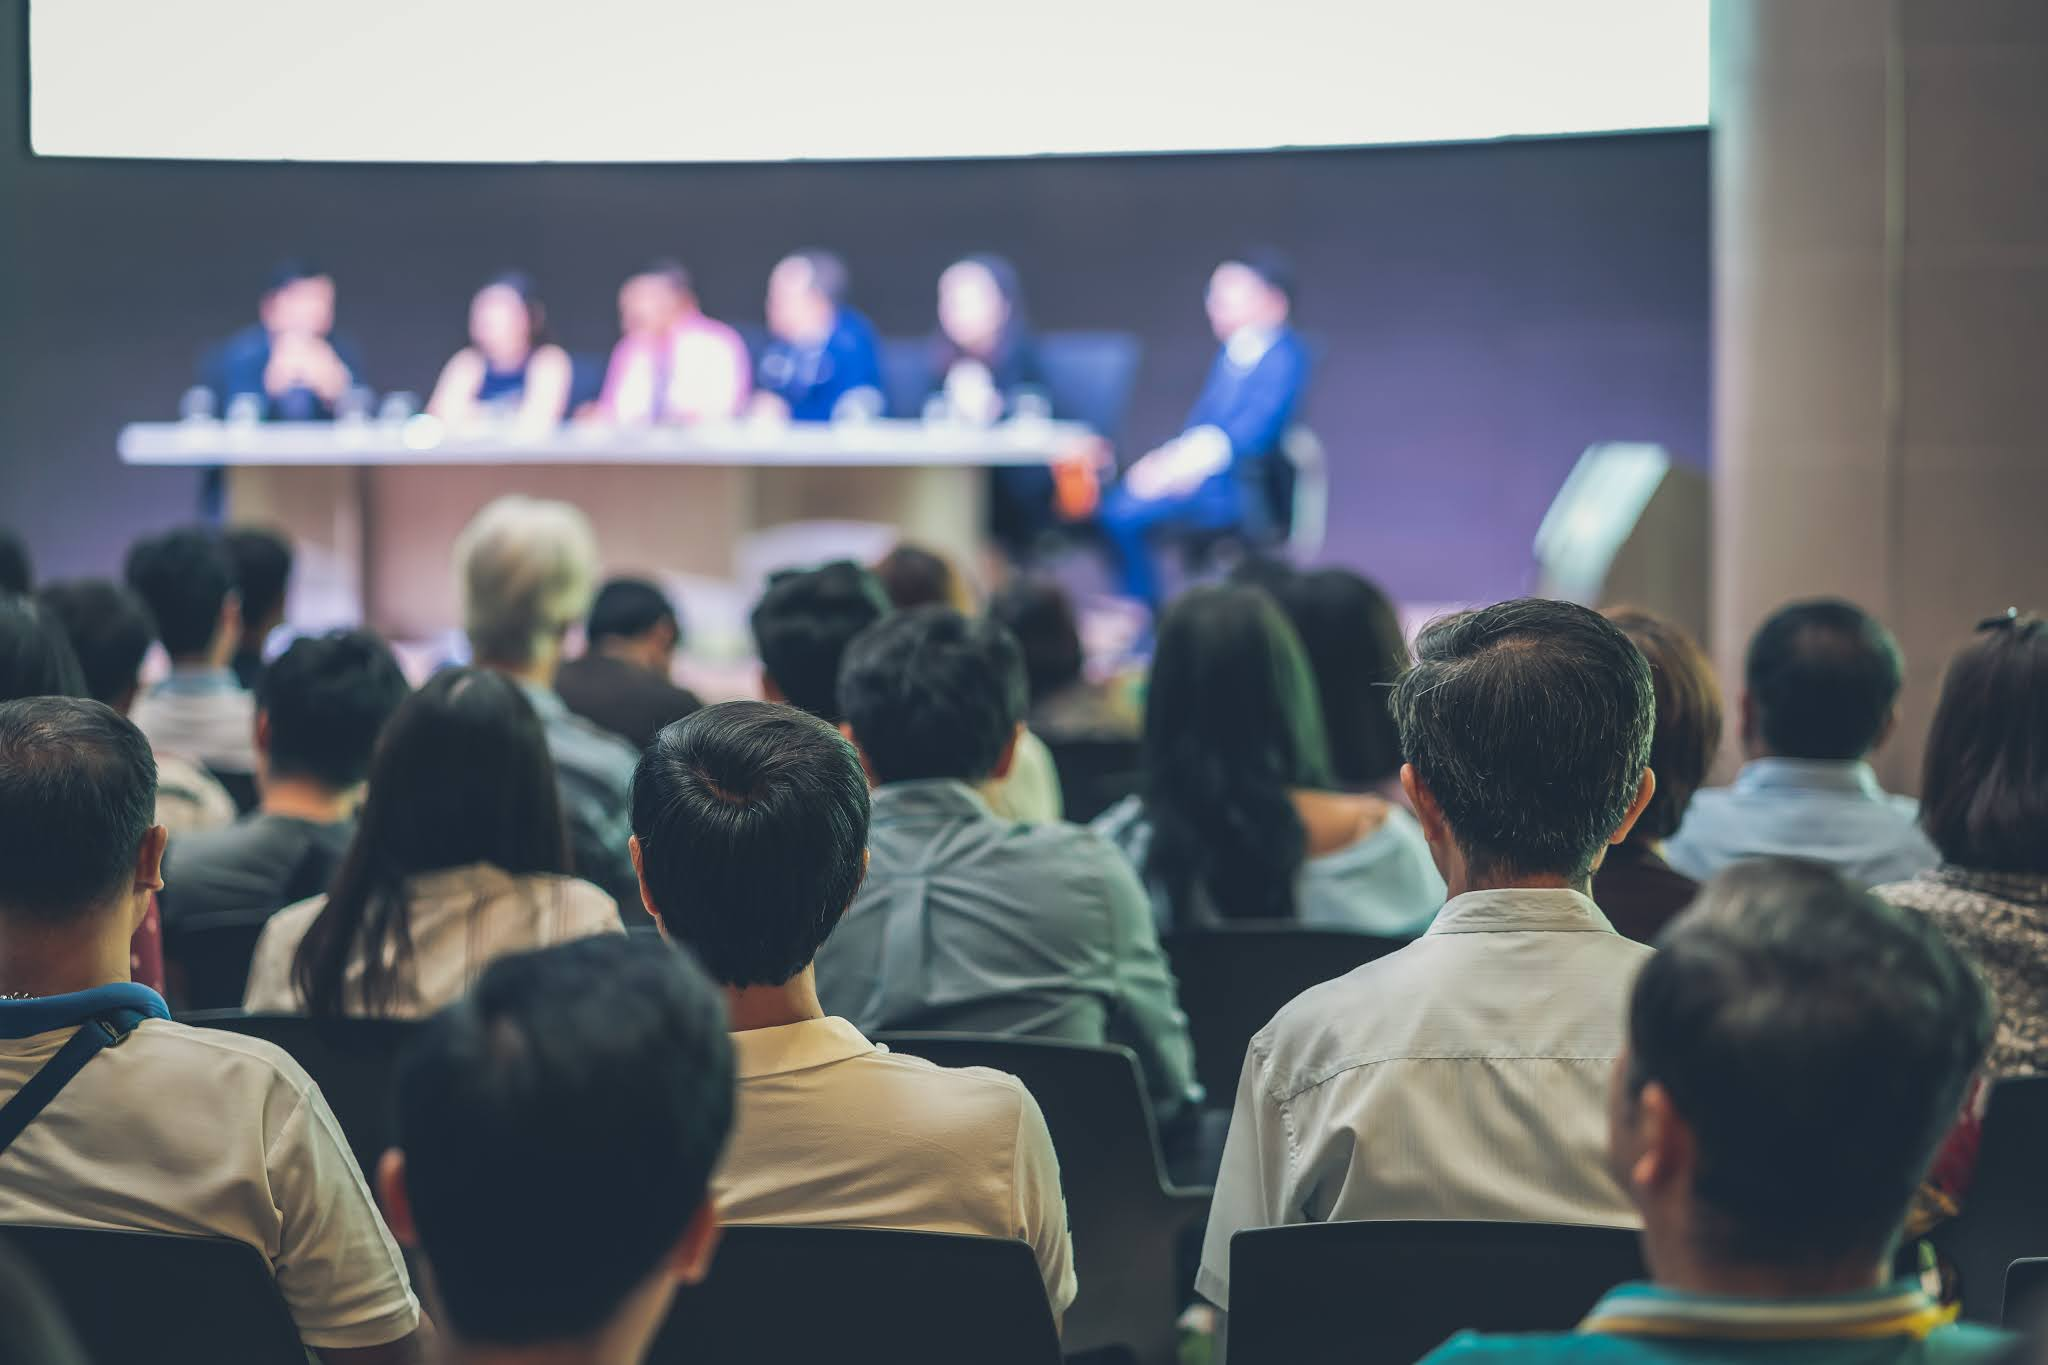 بحث تطورات المشهد الرقمي العالمي خلال اجتماع وزراء الإعلام العرب